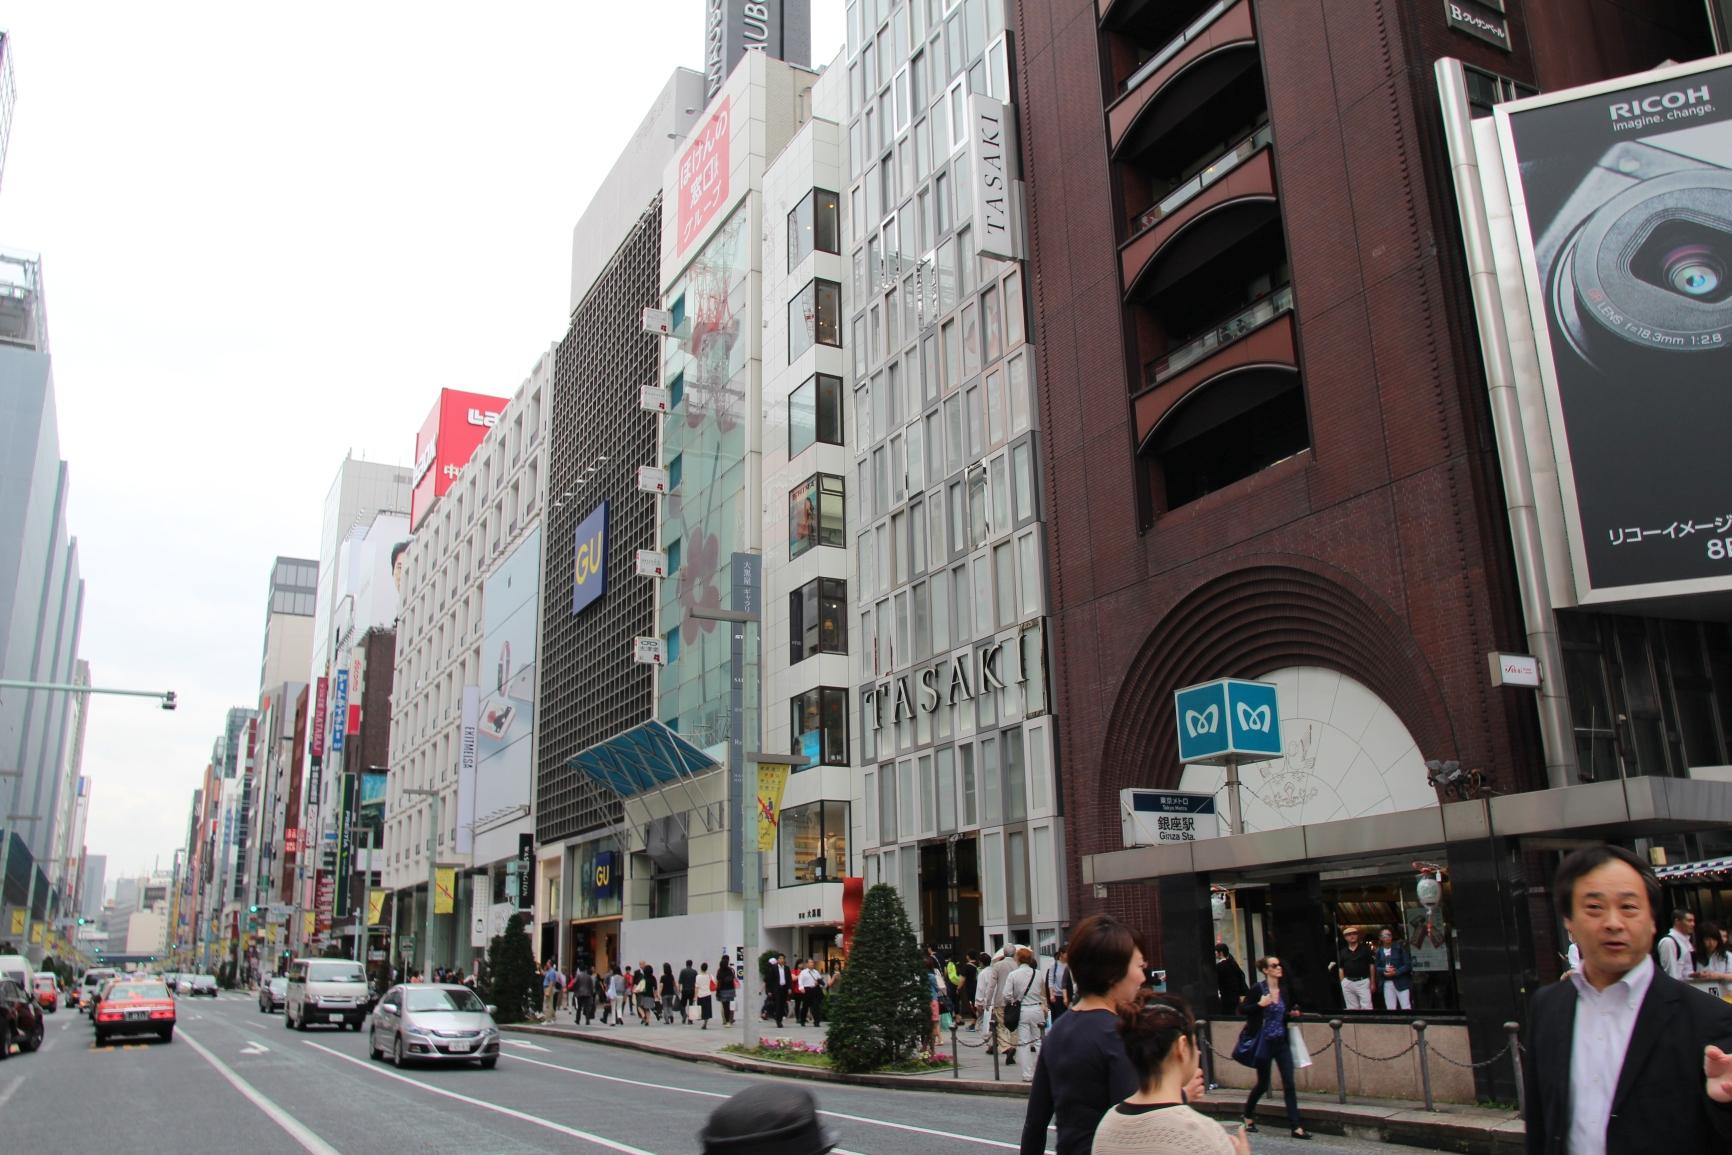 Japonia 08.06.2016 22